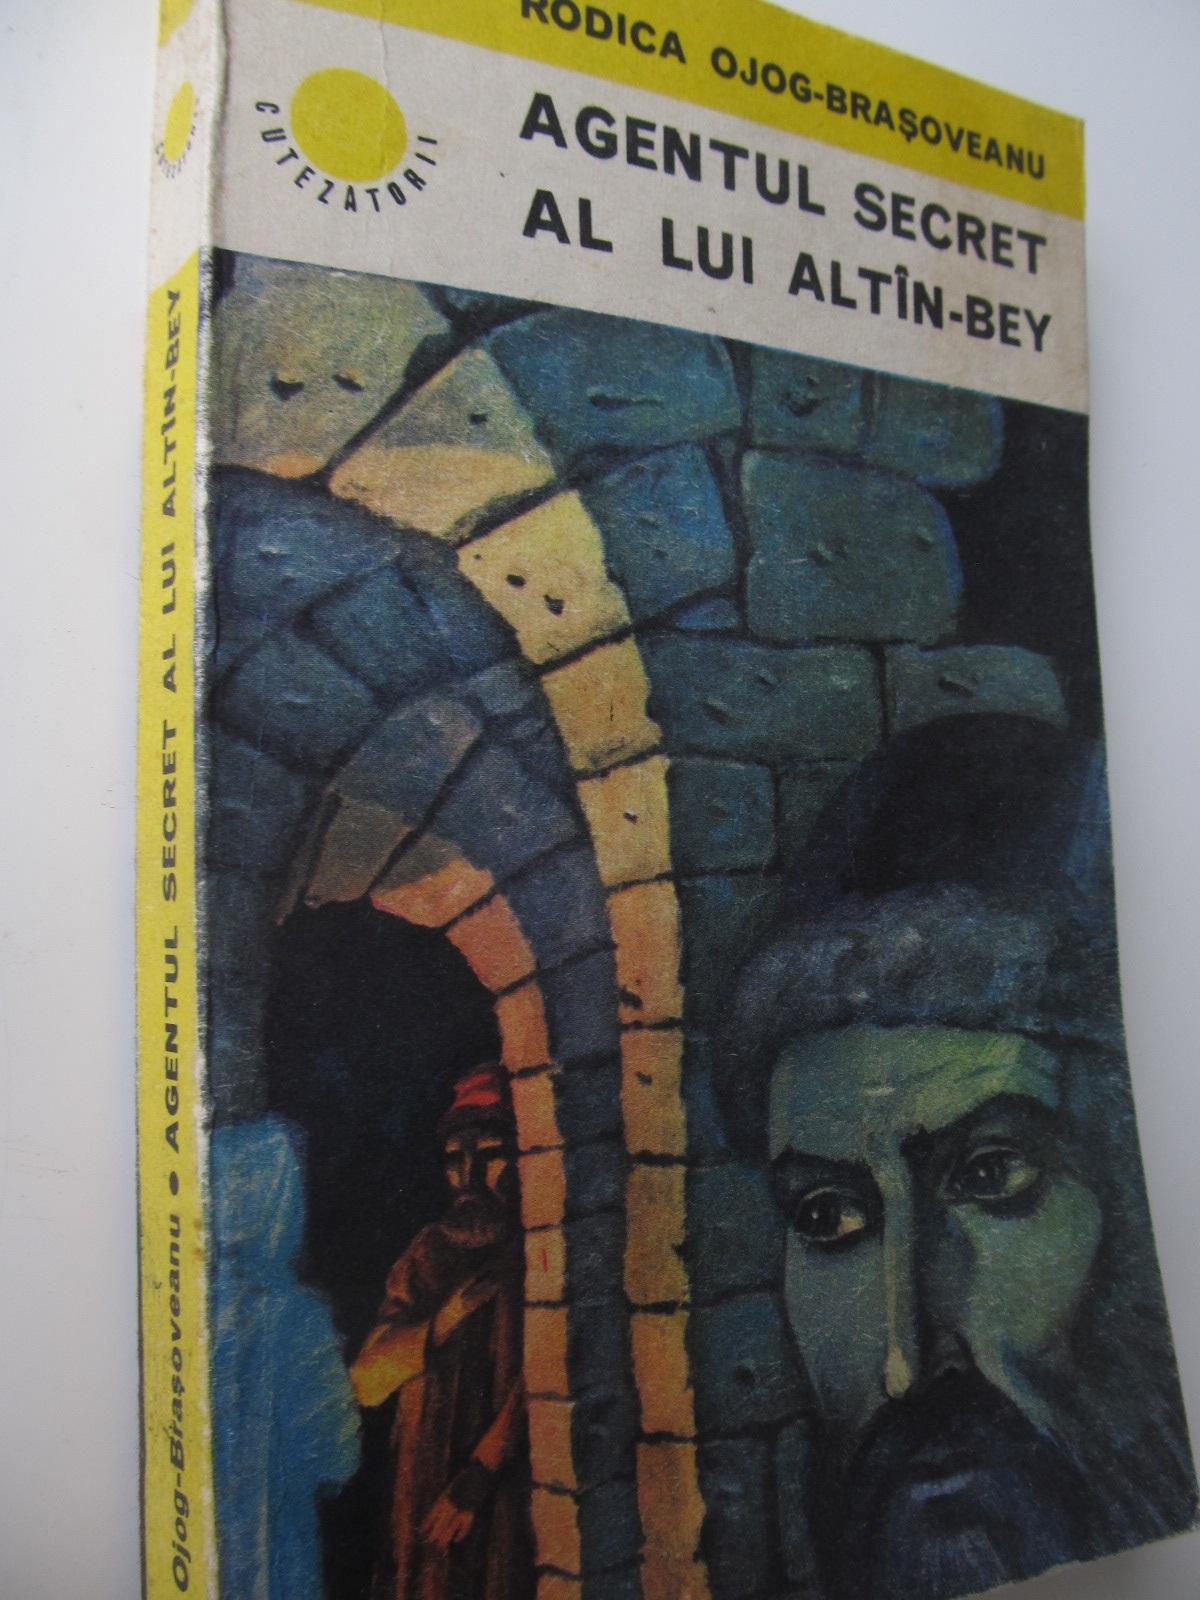 Agentul secret al lui Altin Bey - Rodica Ojog Brasoveanu | Detalii carte